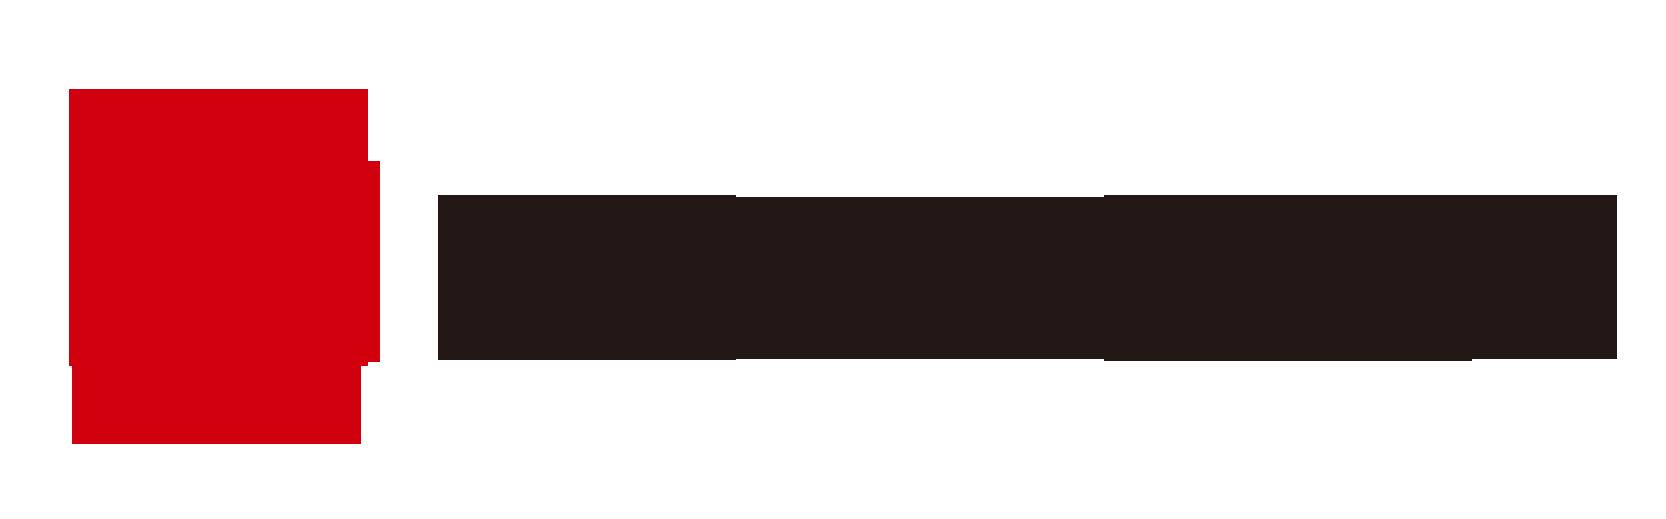 南阳市卧龙区盛隆锅炉厂